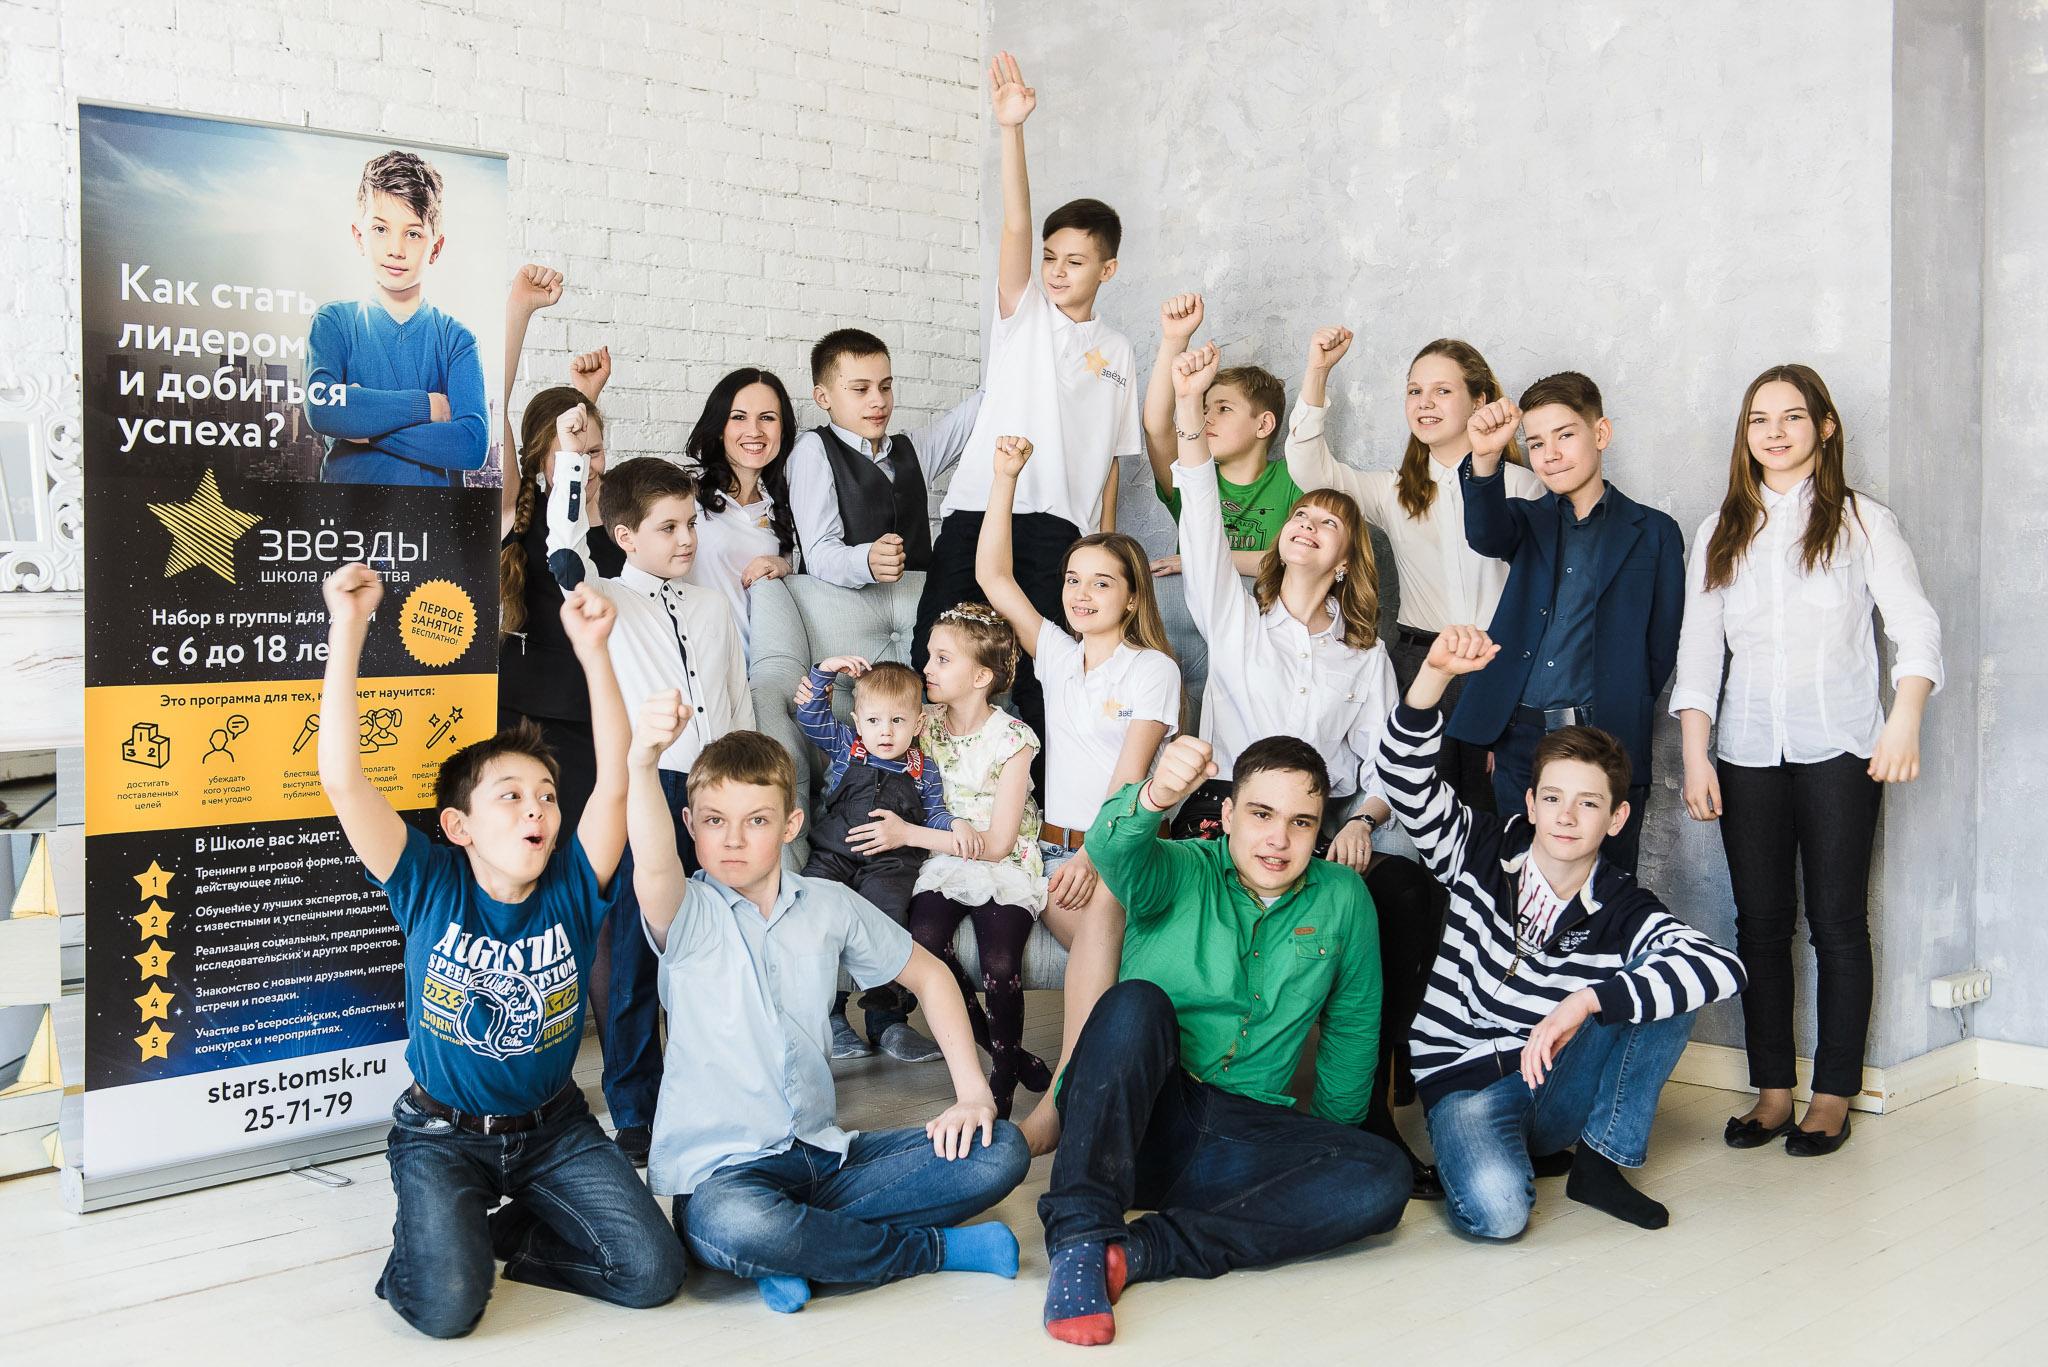 Школа лидерства для школьников в Томске